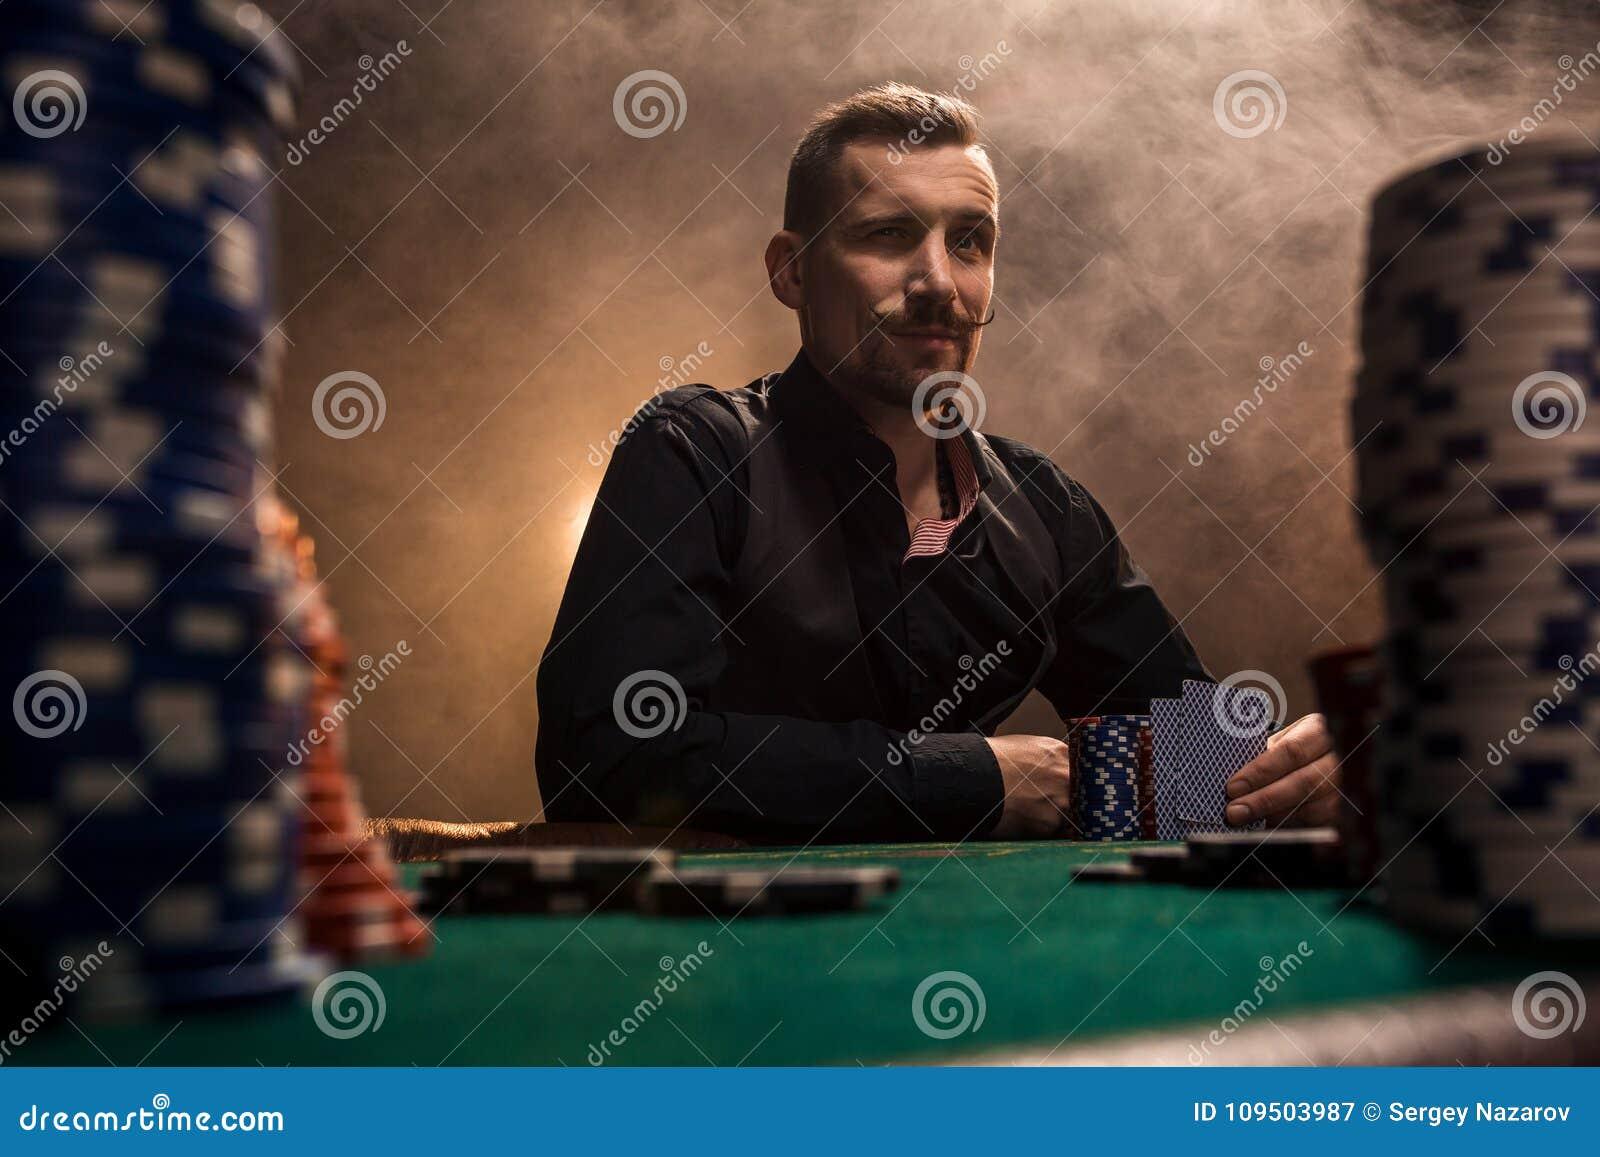 坐在与卡片和芯片的啤牌桌后的年轻英俊的人